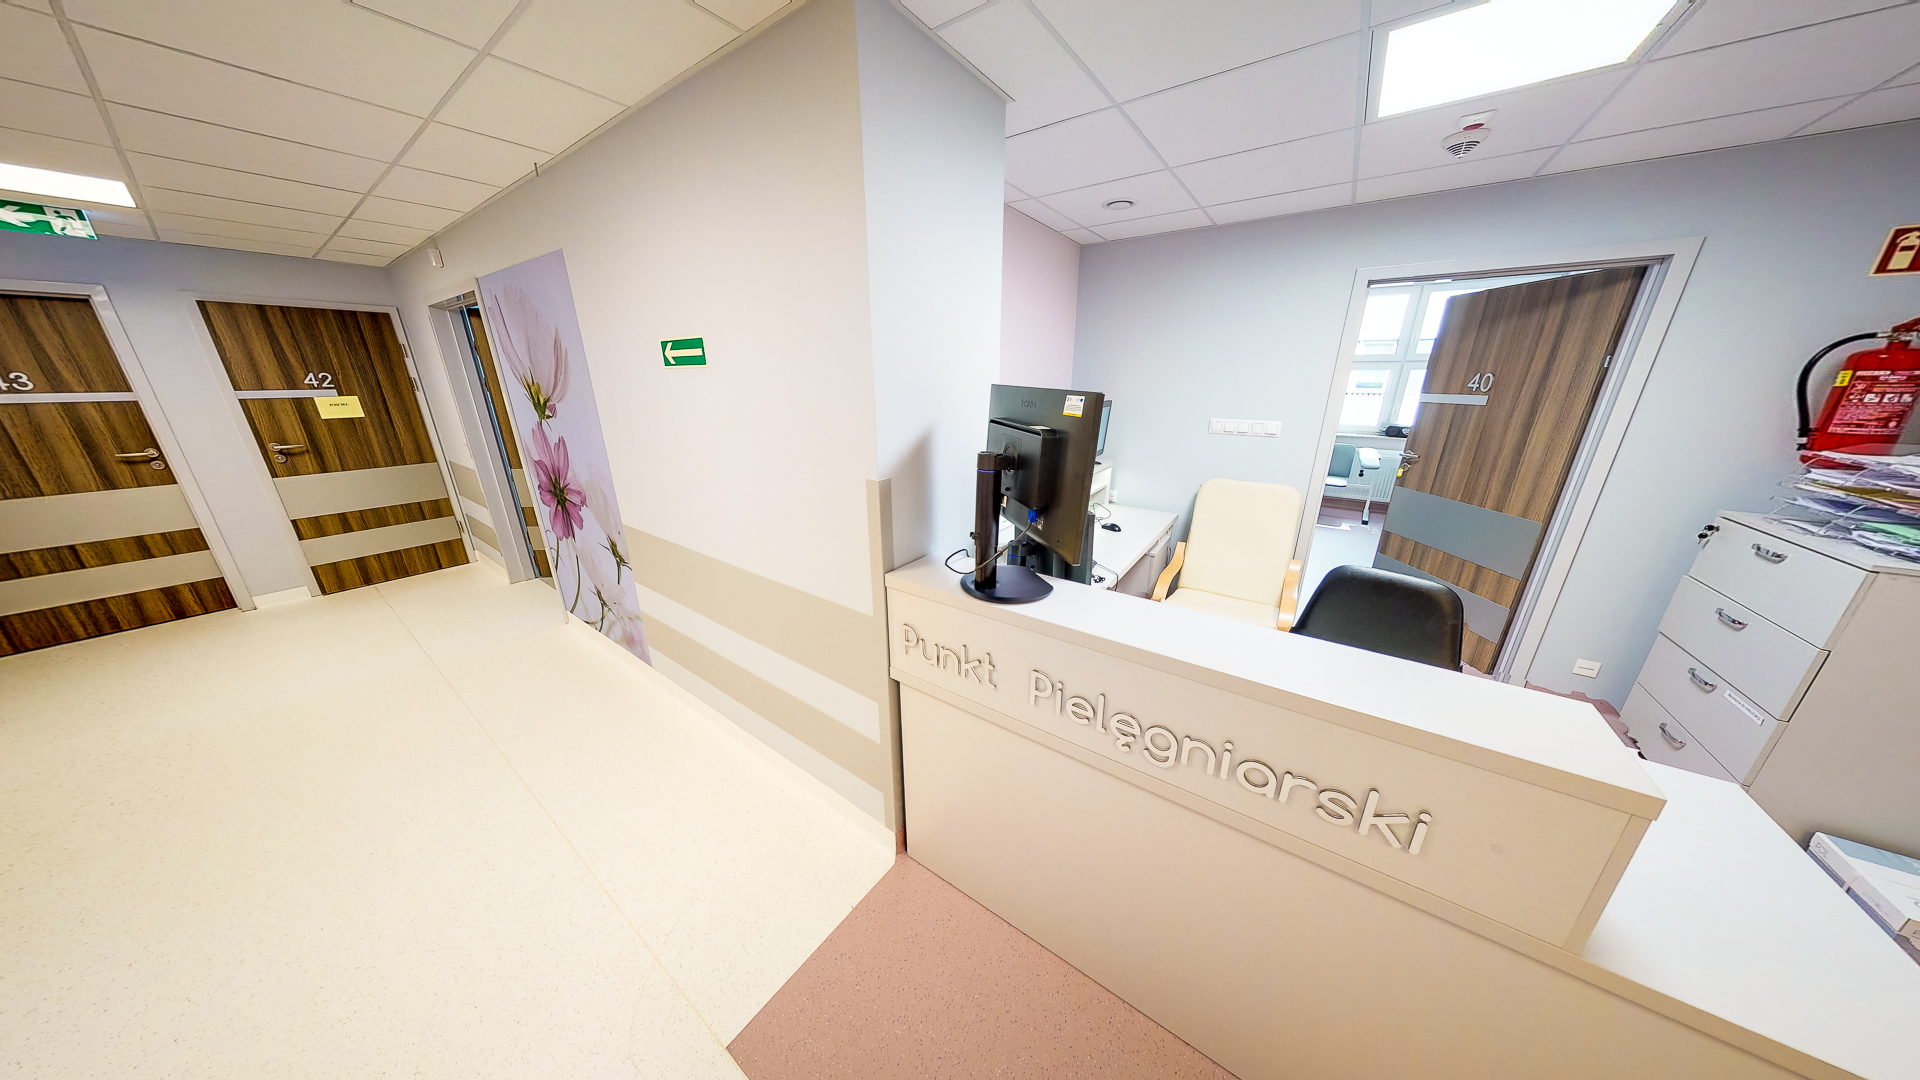 wirtualny spacer placówka medyczna